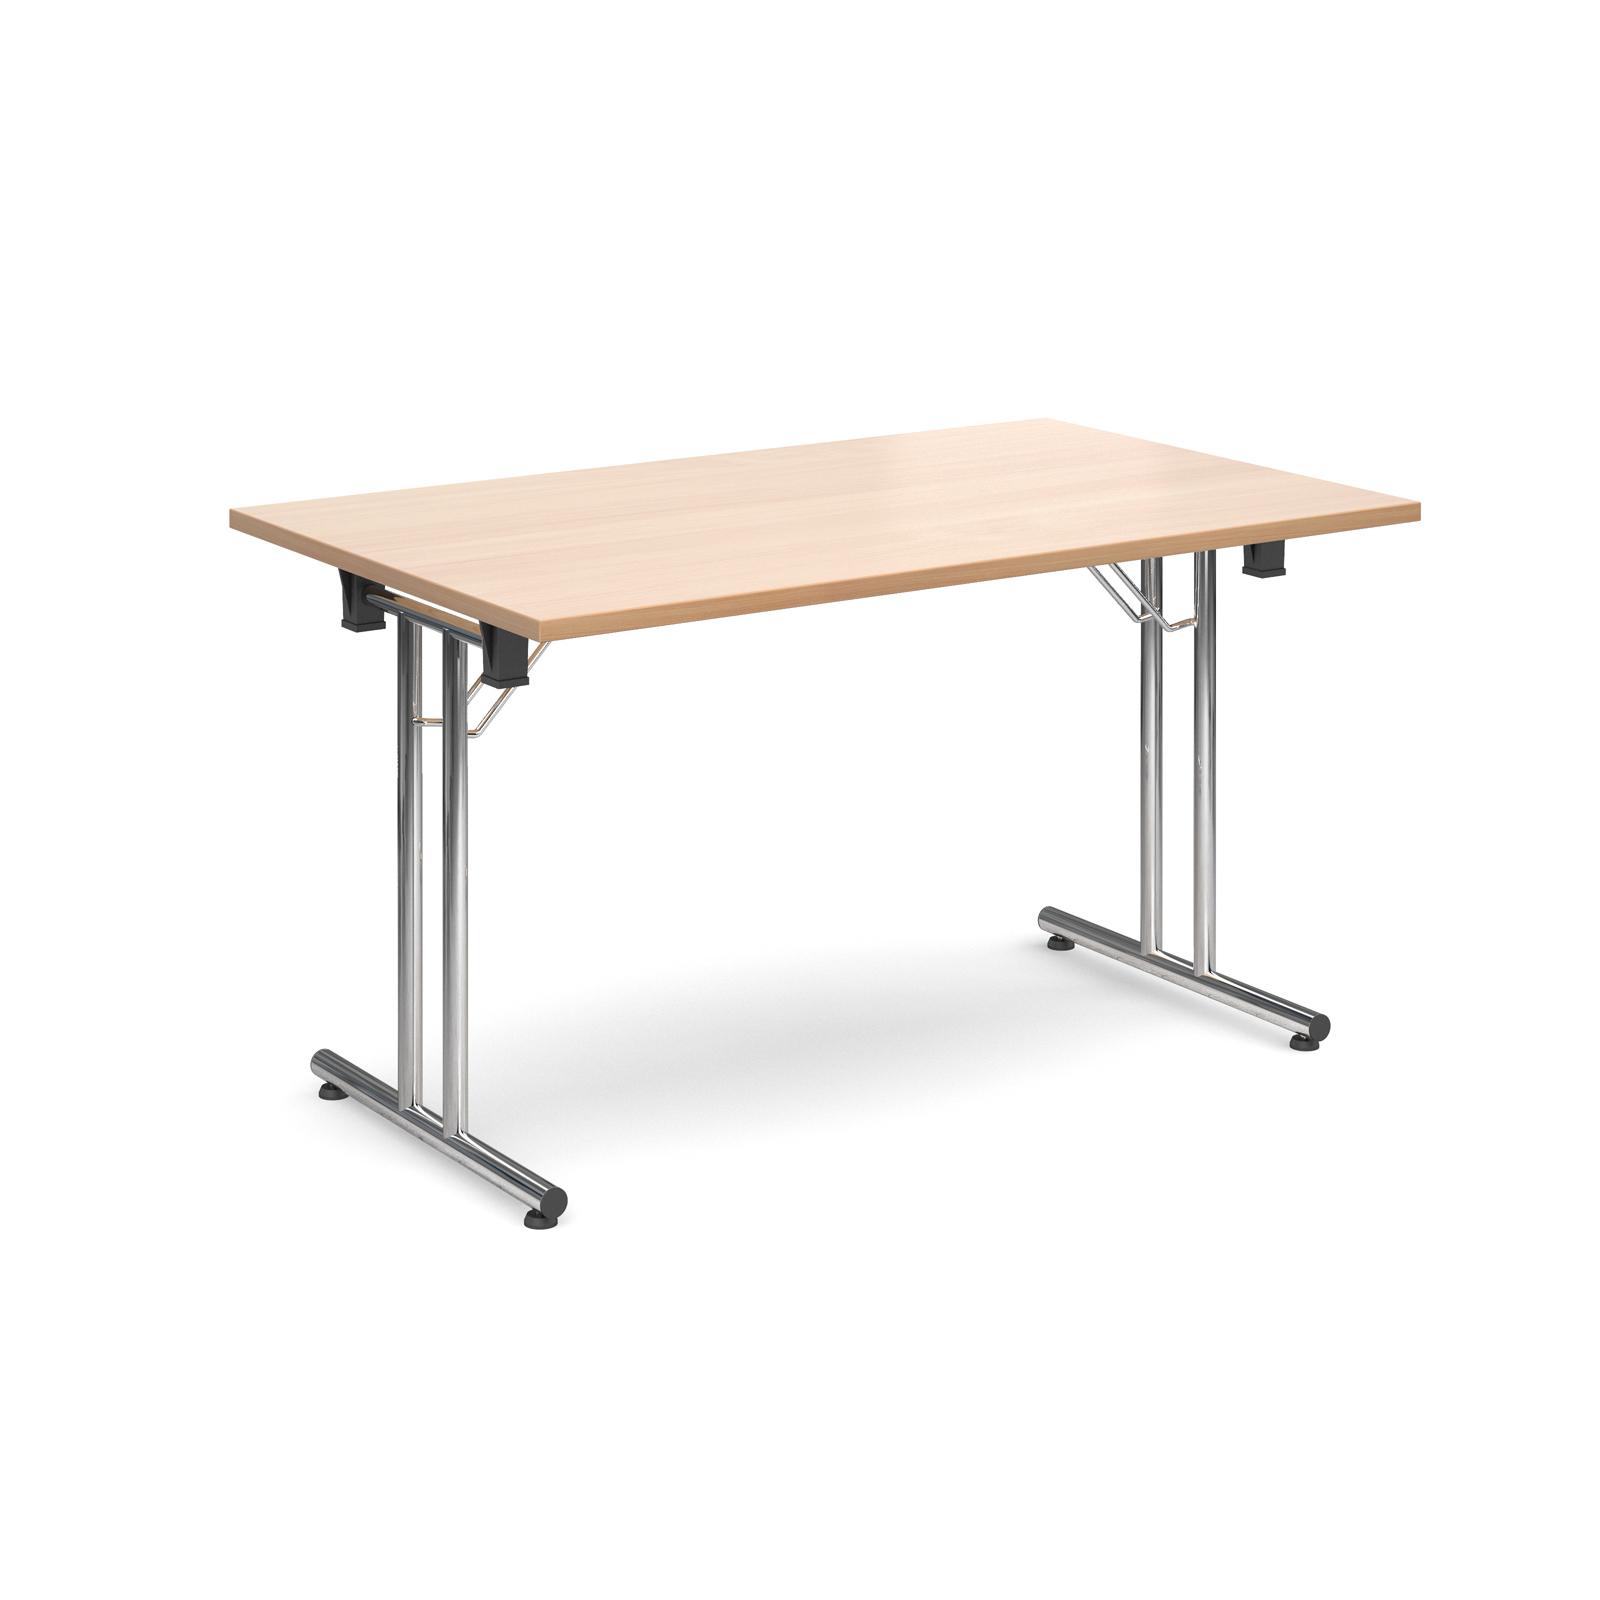 Rectangular deluxe folding leg table 1300mm x 800mm - beech